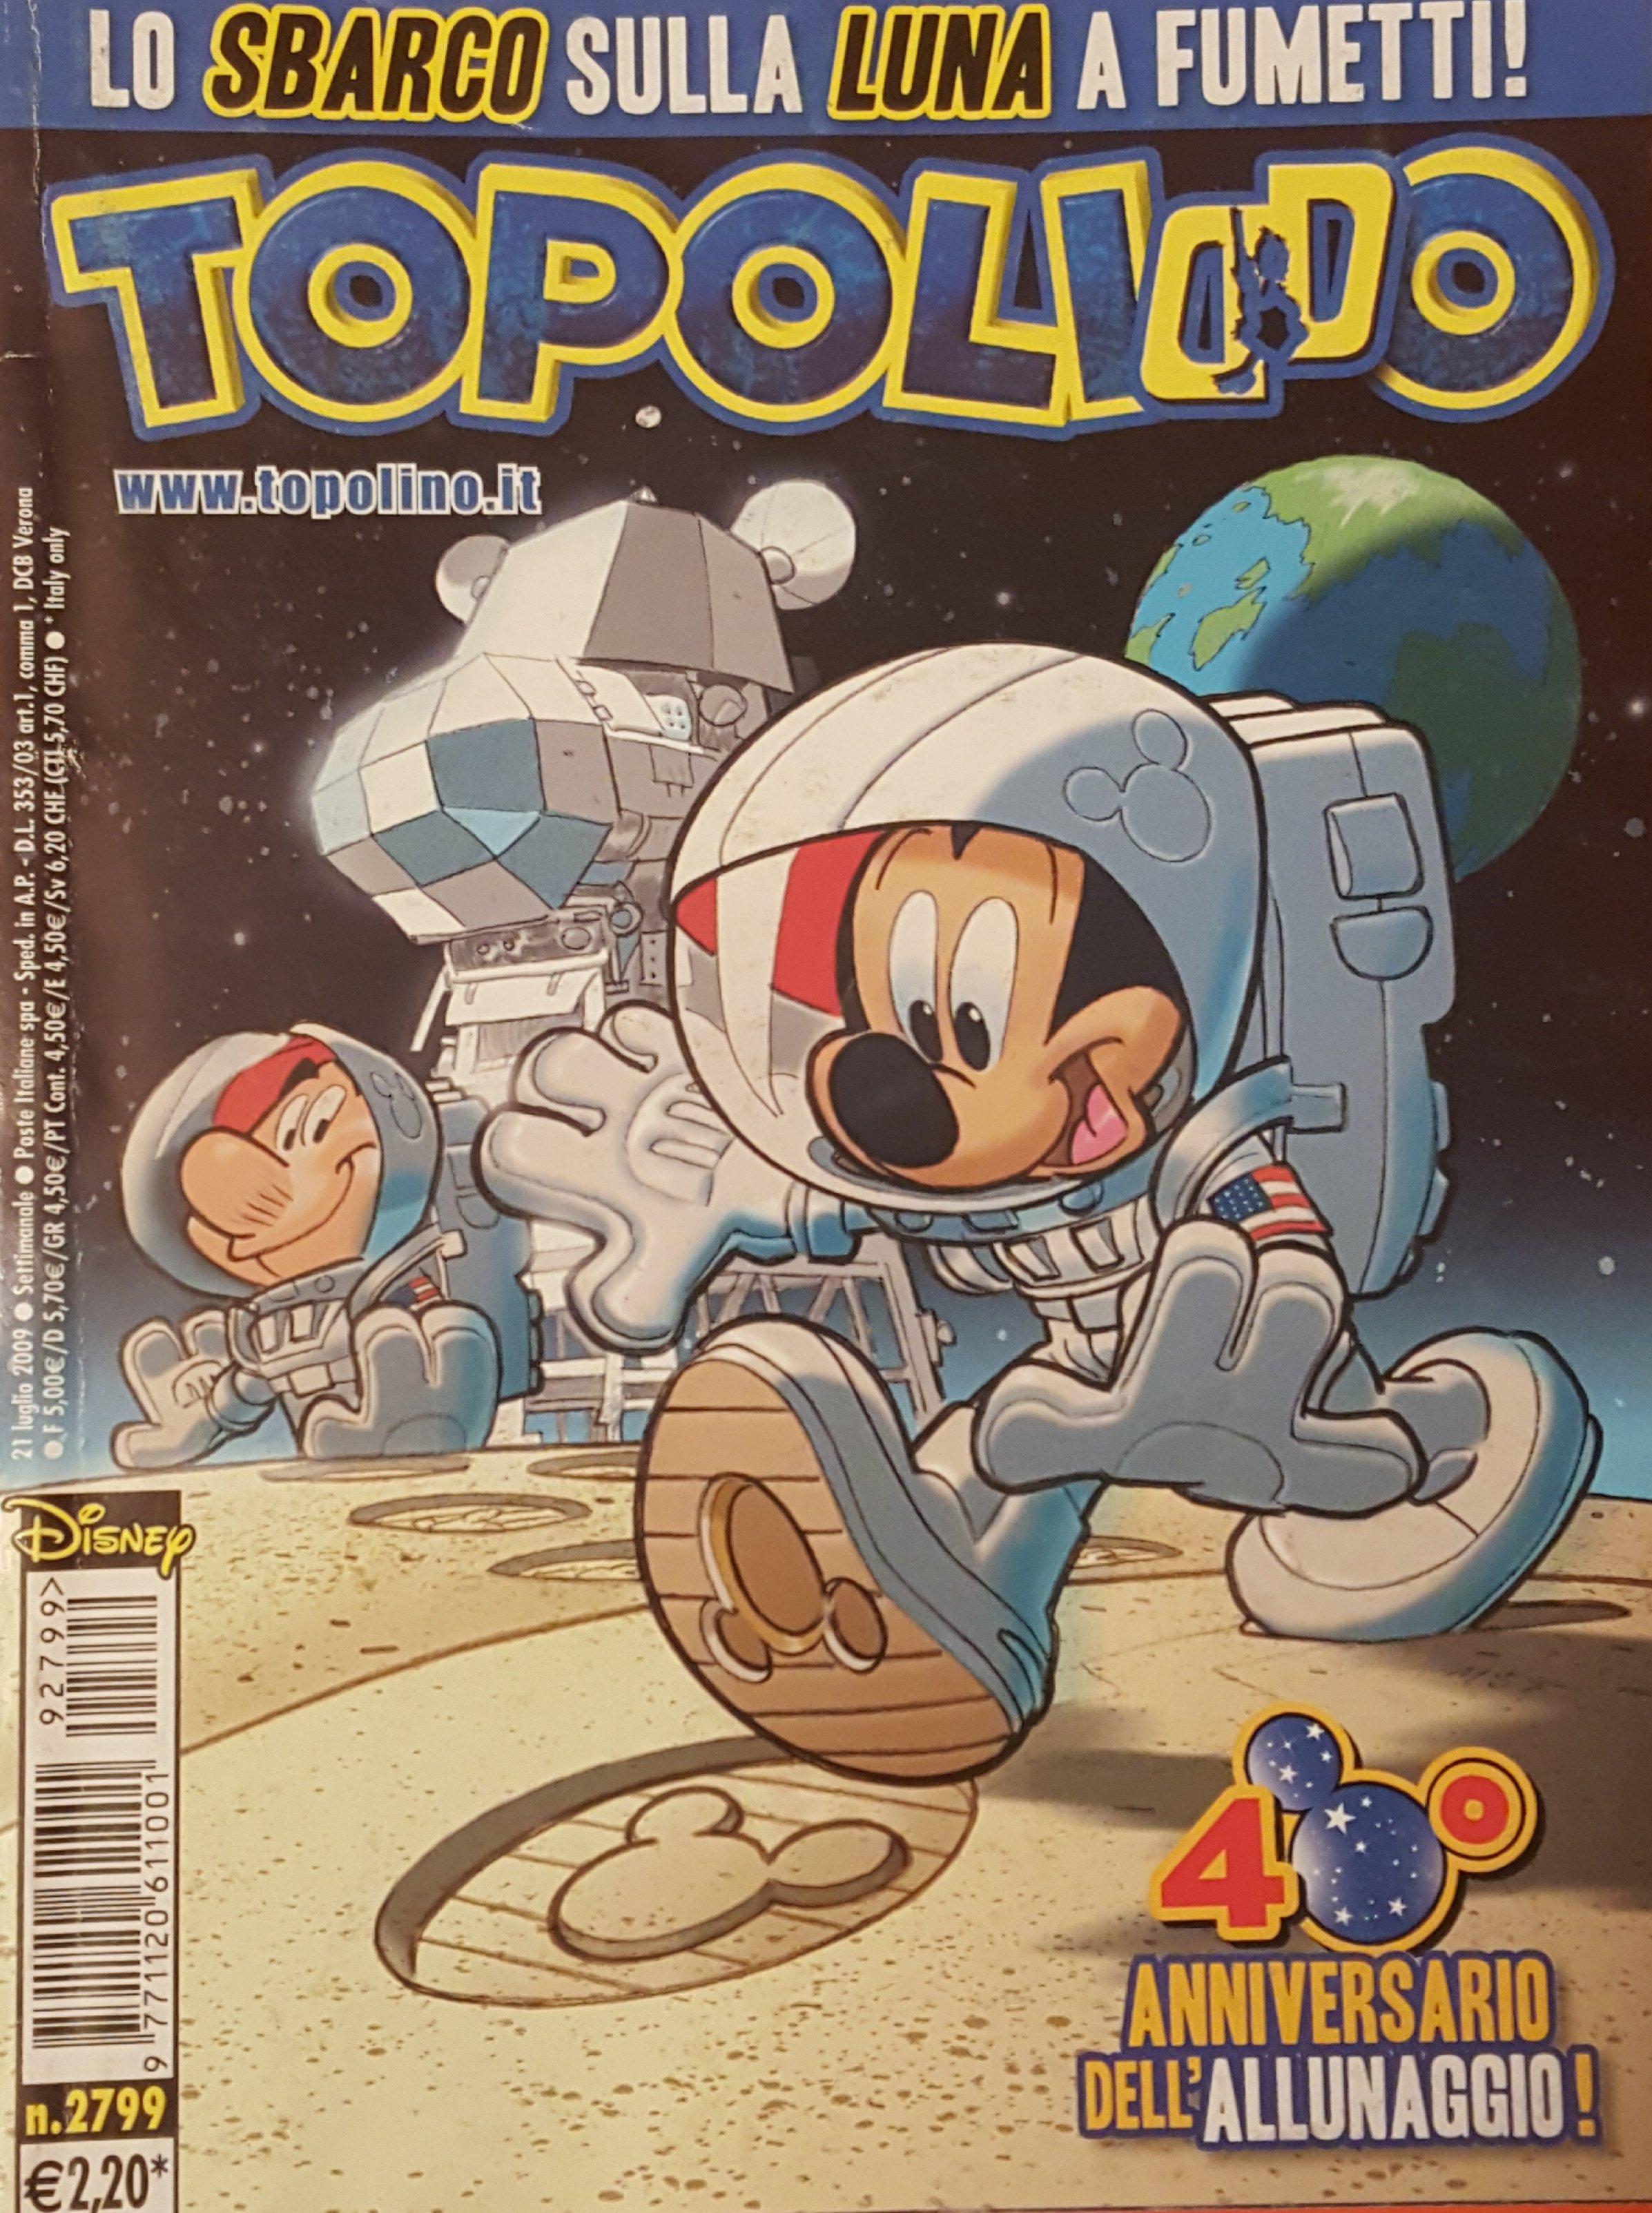 Il Topo e lo sbarco sulla luna: cinquant'anni di festeggiamenti